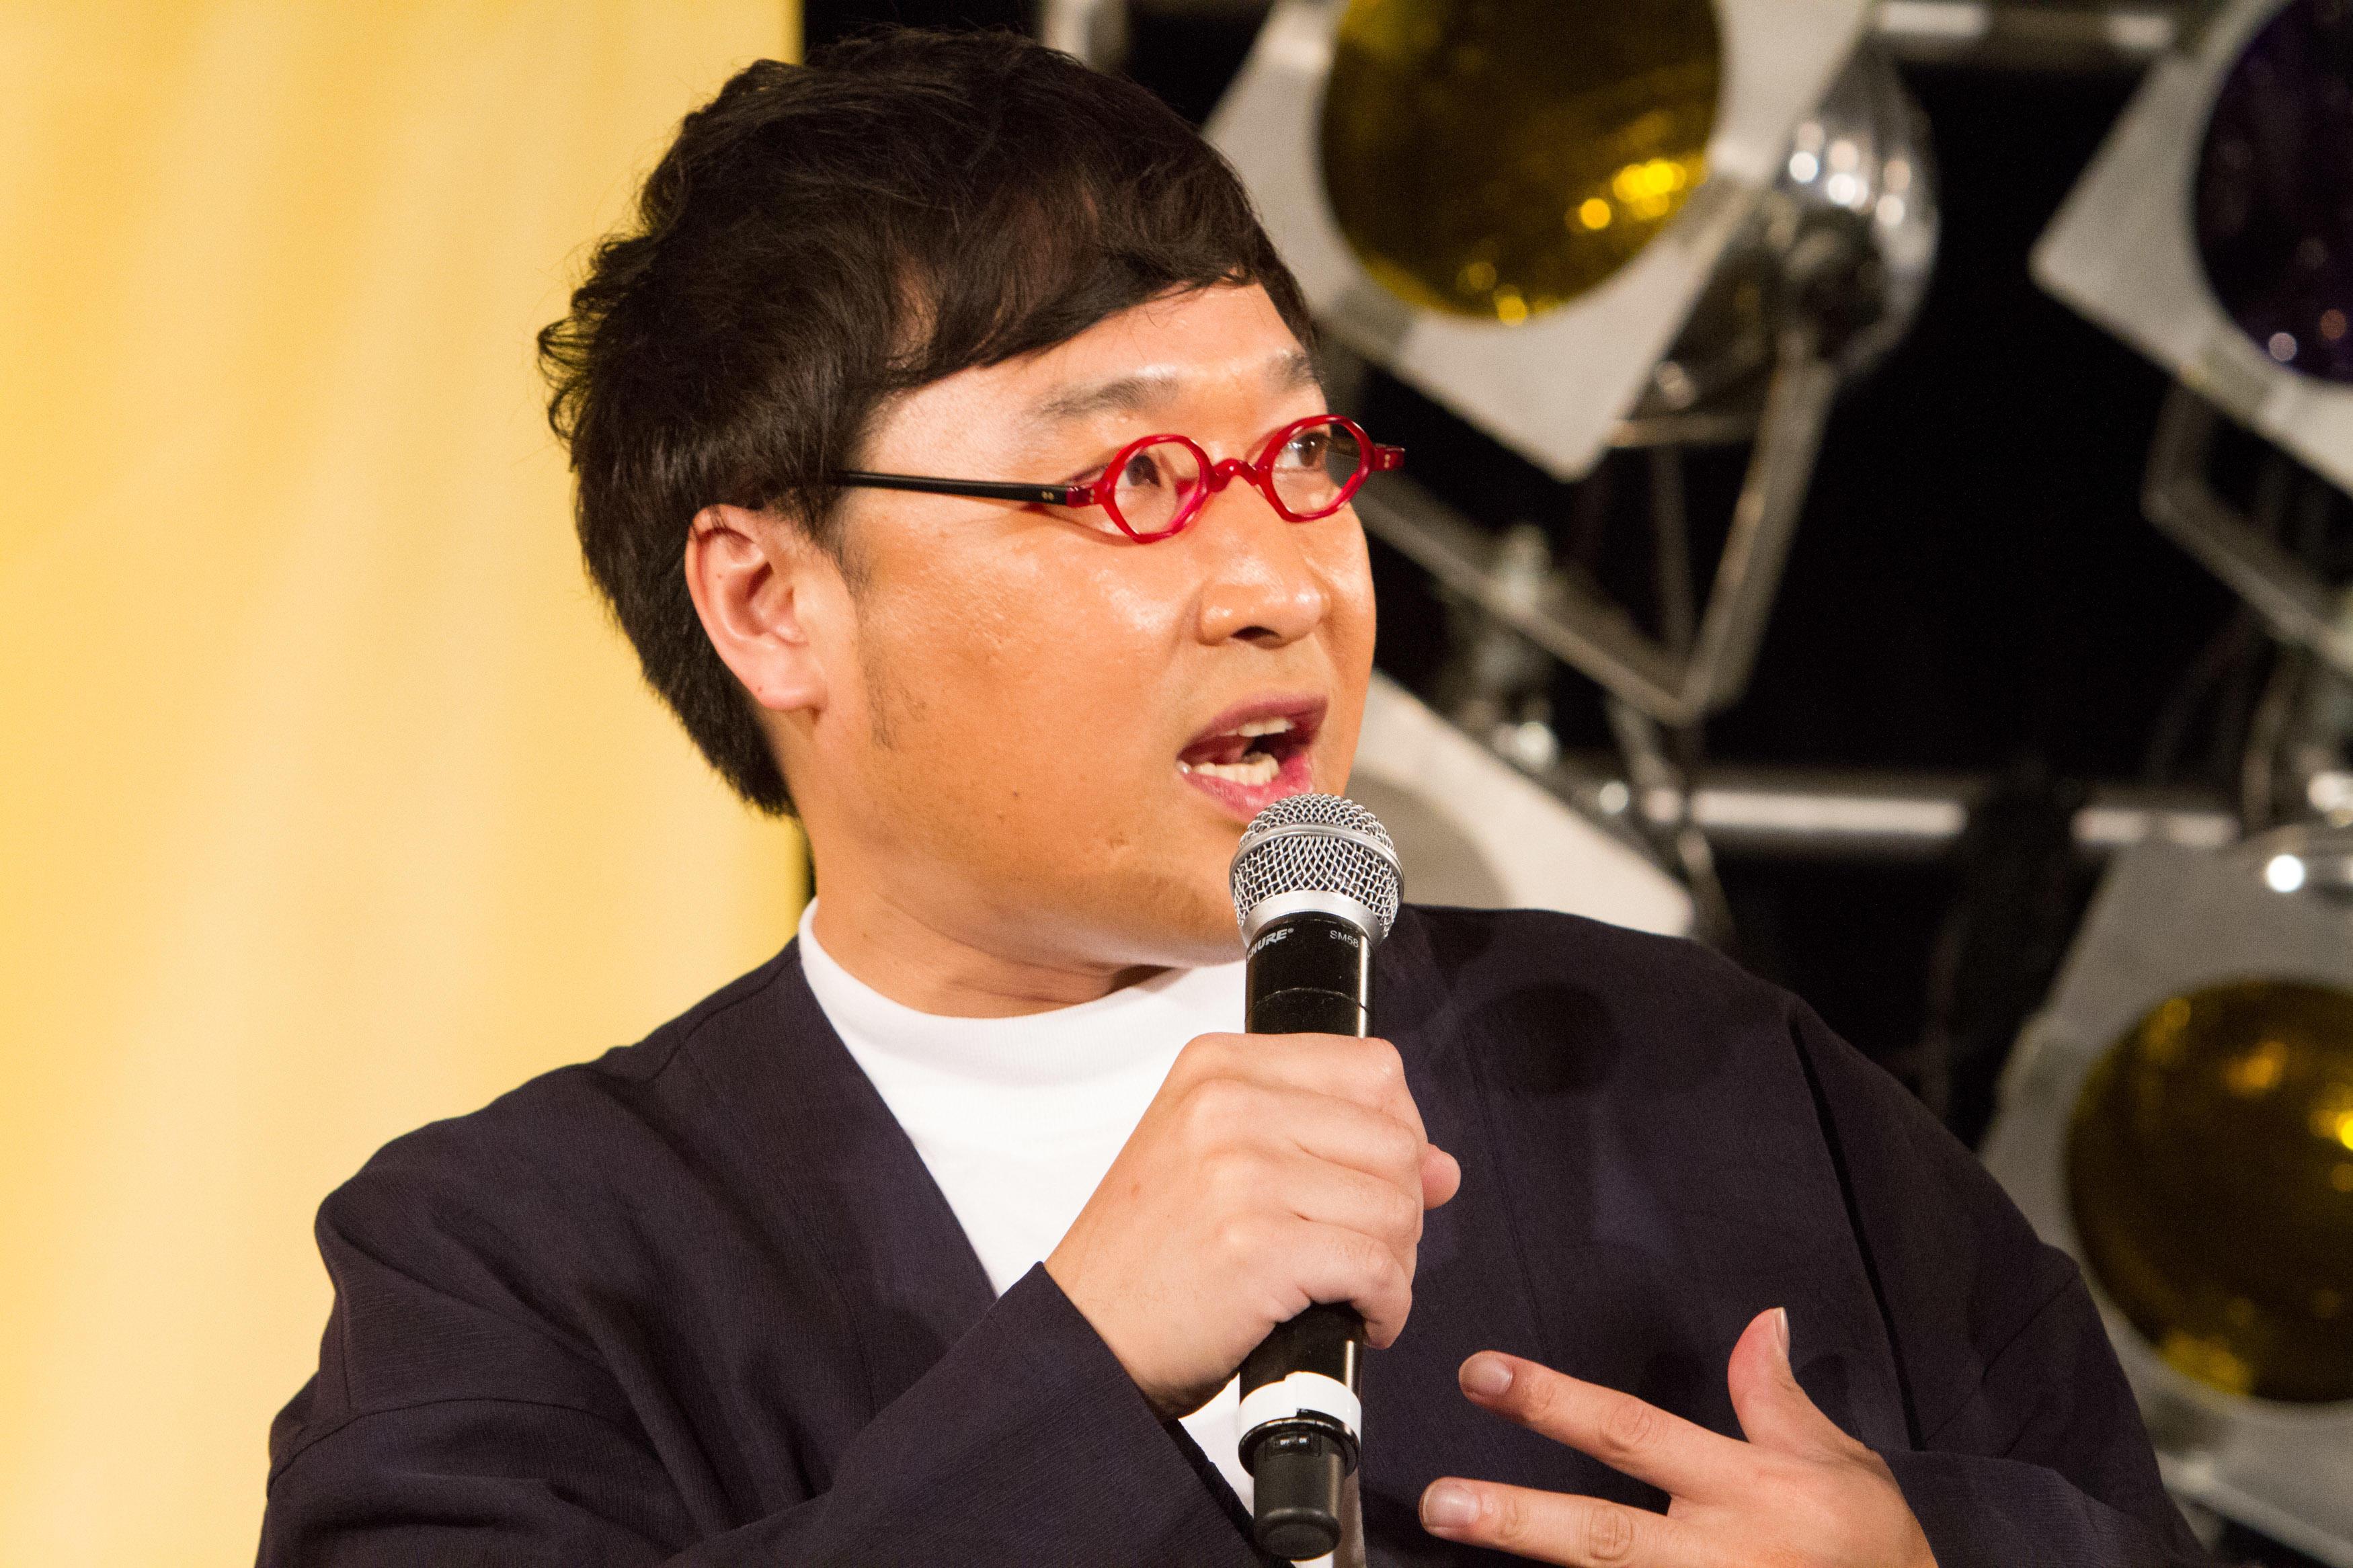 http://news.yoshimoto.co.jp/20180414163830-83858f0eac033e41d124408fcb5cd5aef5a62a07.jpg